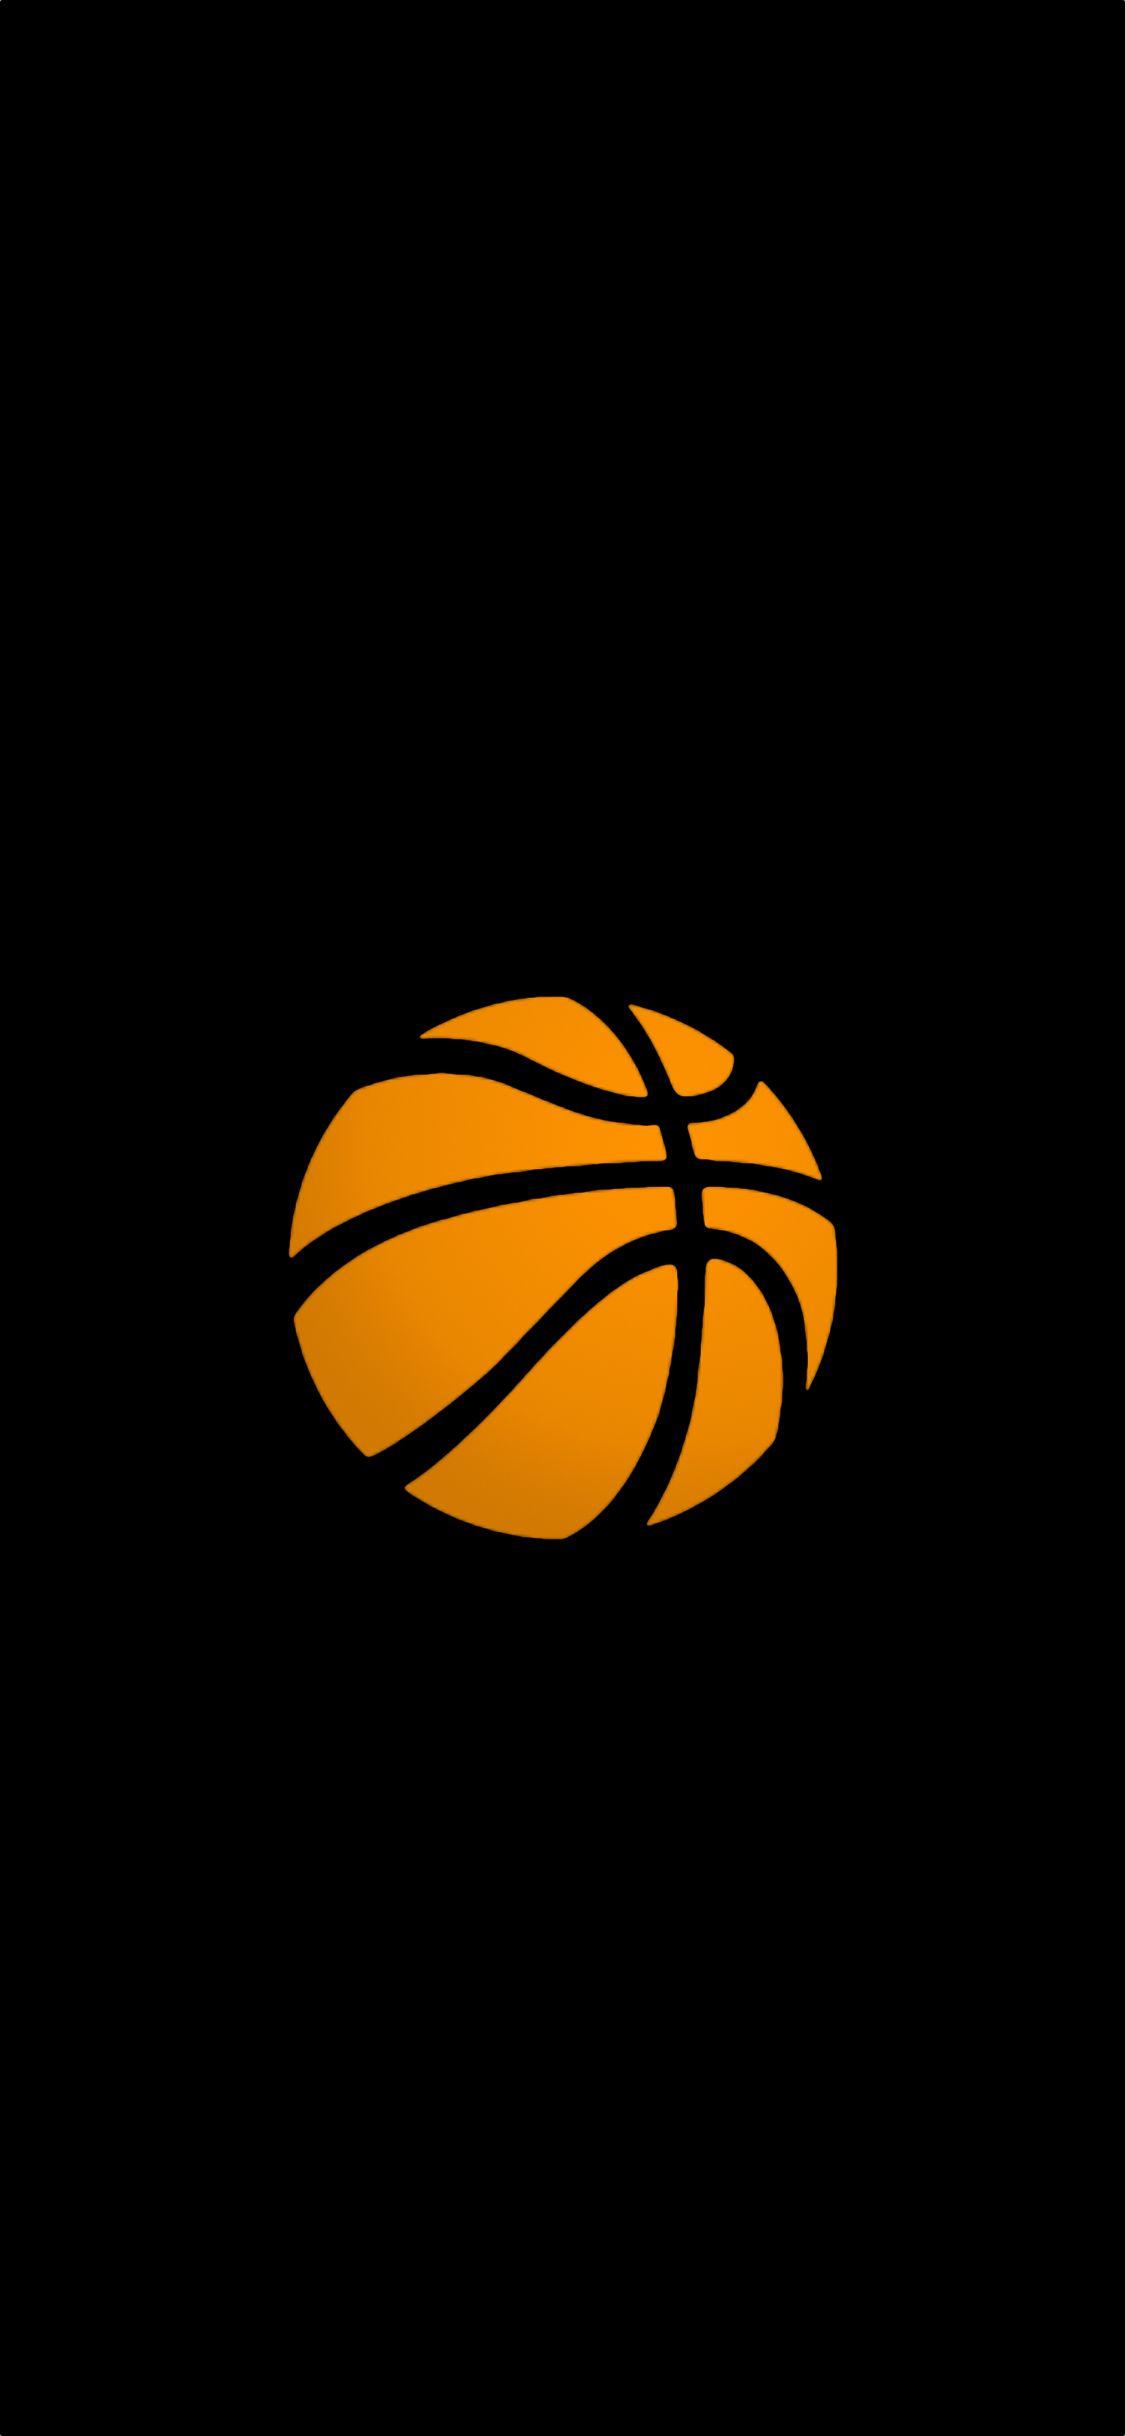 Basketball Iphone X Wallpaper Em 2019